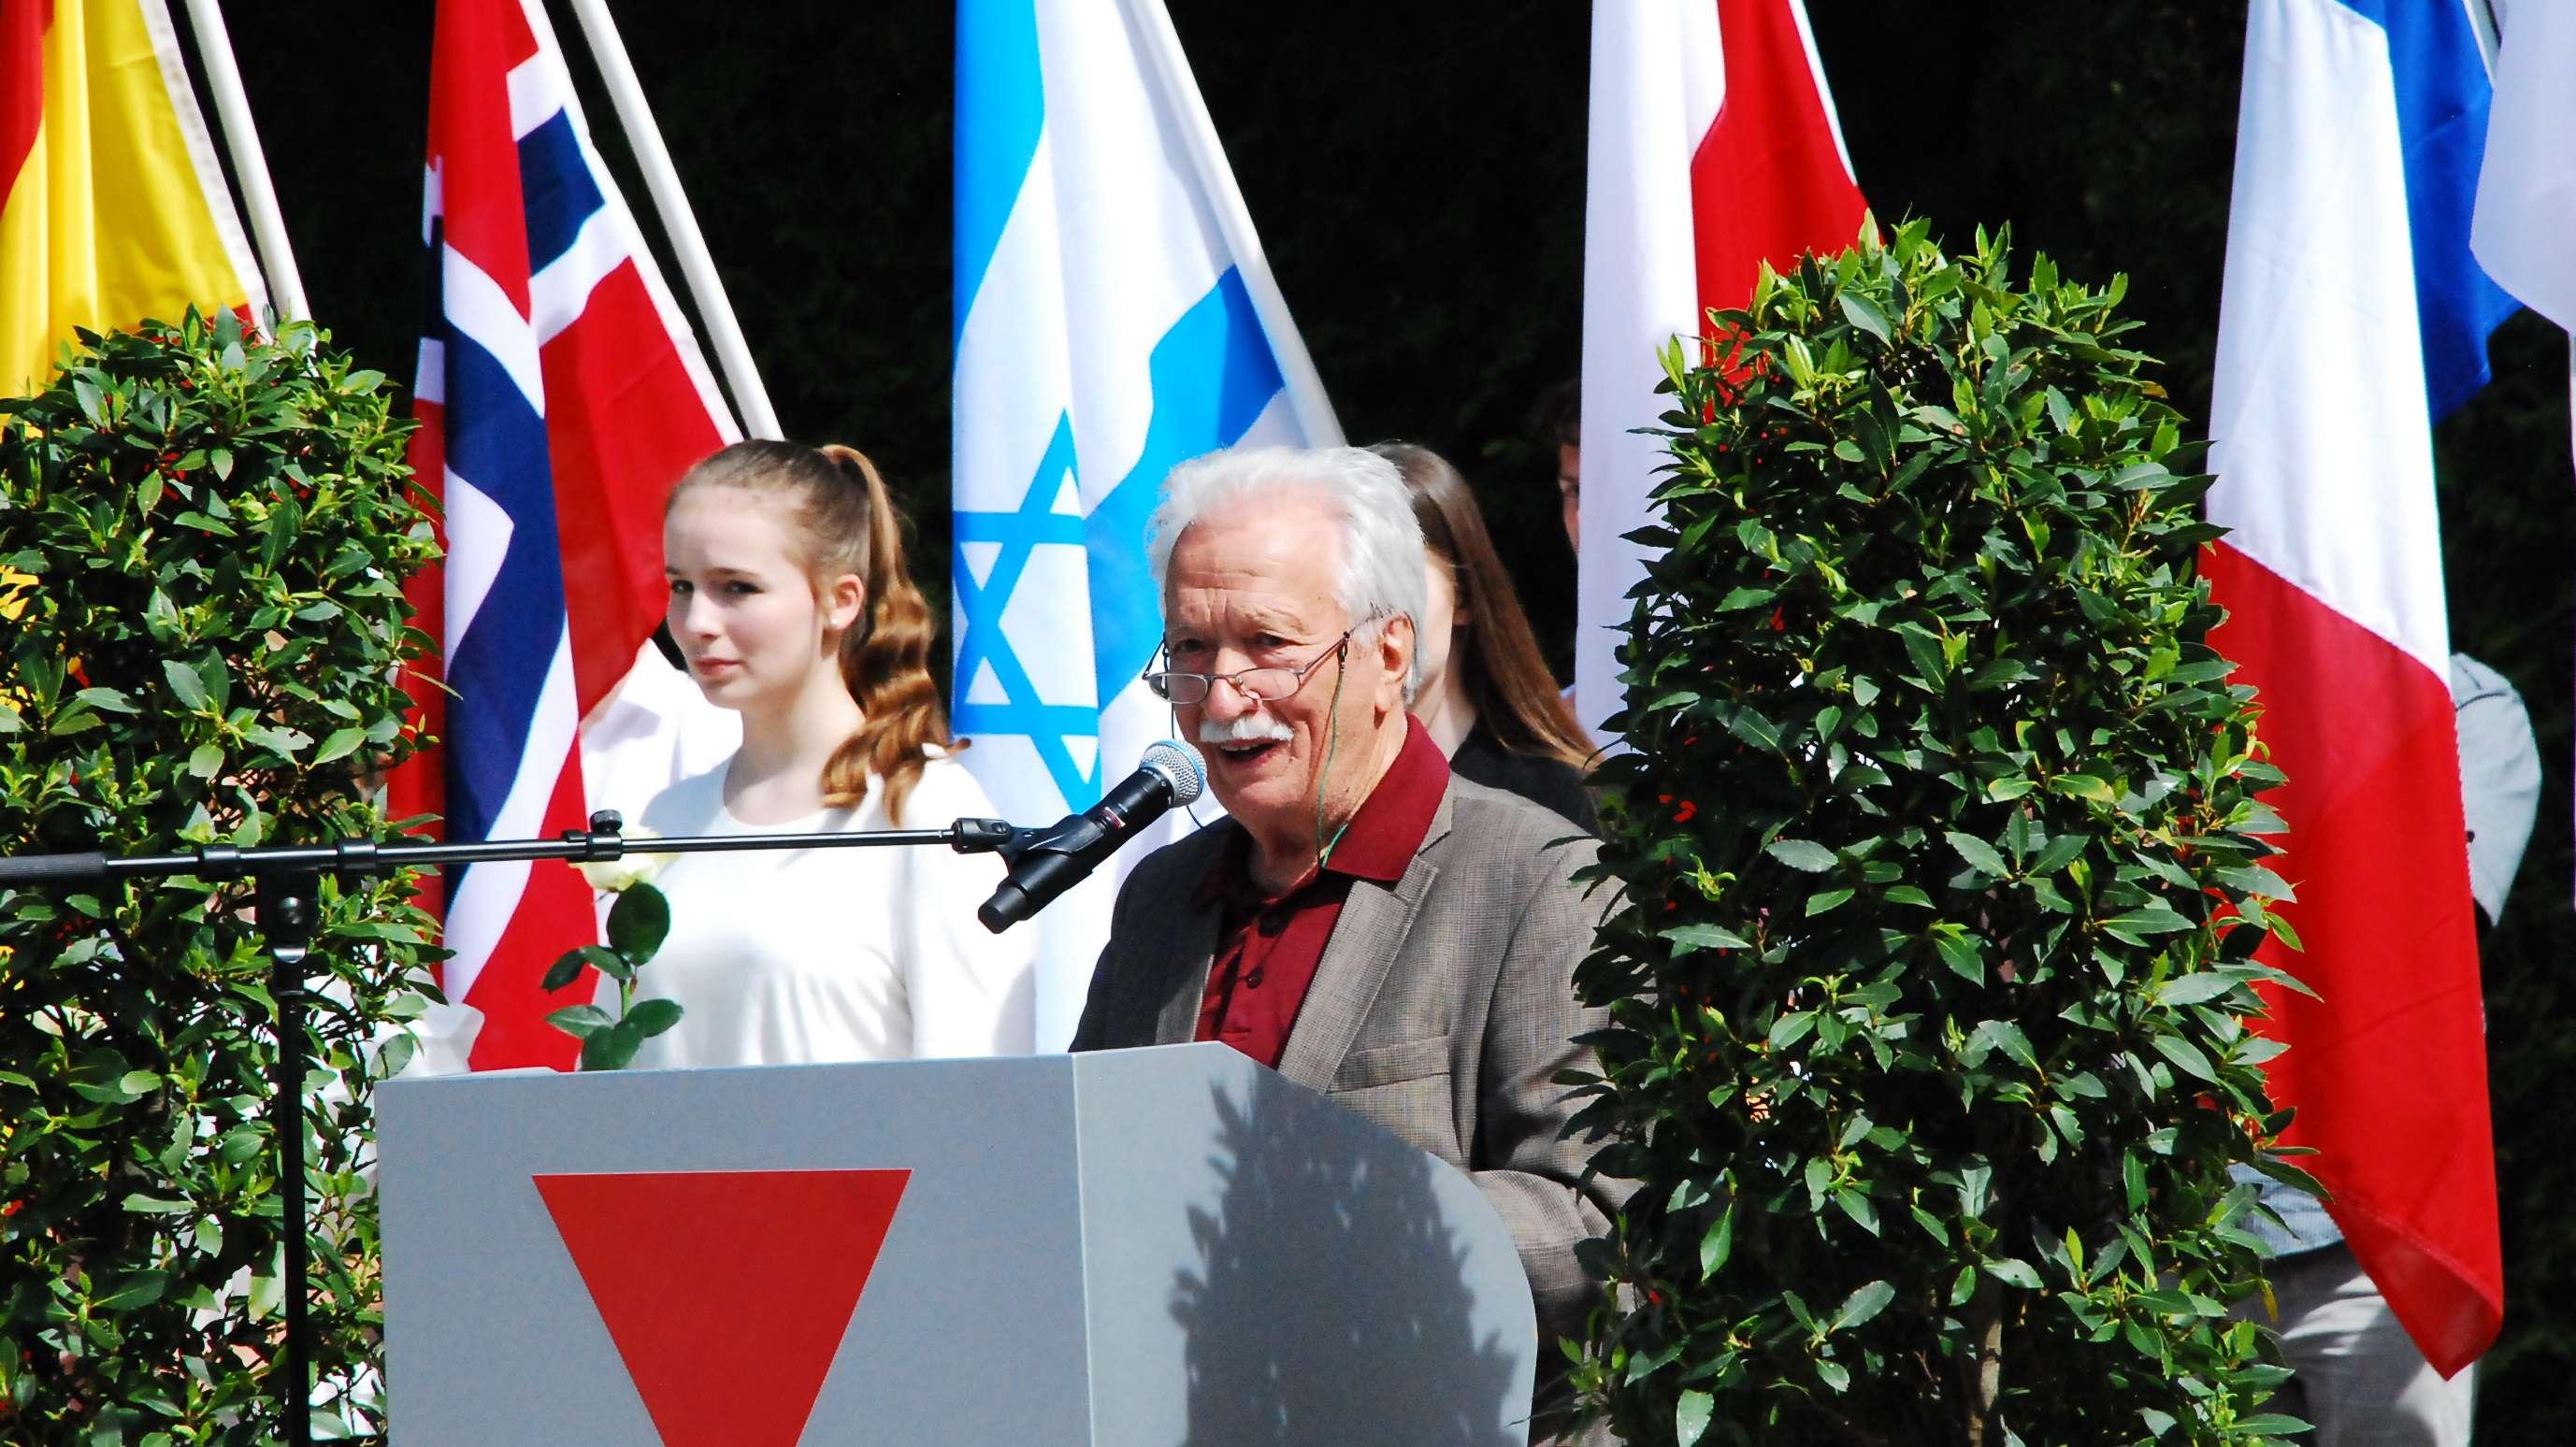 Ernst Grube bei den Gedenkfeierlichkeiten in der KZ-Gedenkstätte Dachau im  Jahr 2018